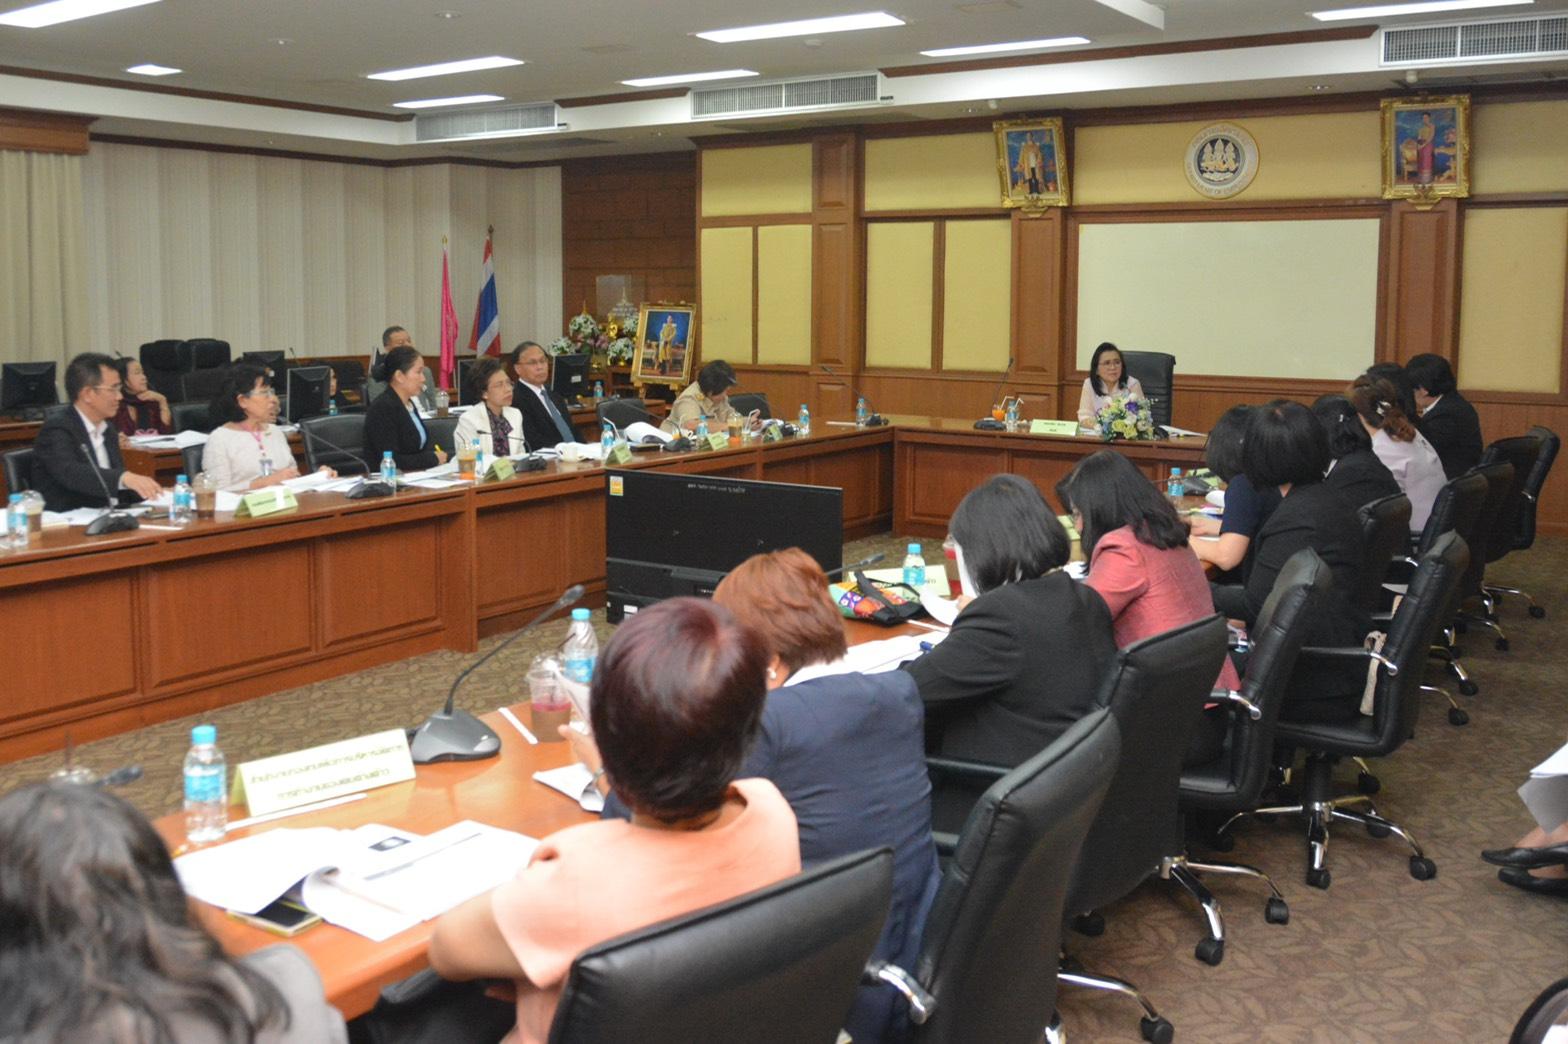 ประชุมชี้แจงแนวทางการประเมินส่วนราชการและการประเมินผู้บริหารองค์การ ประจำปีงบประมาณ พ.ศ. 2562 ณ ห้องประชุมเทียน อัชกุล ชั้น 10